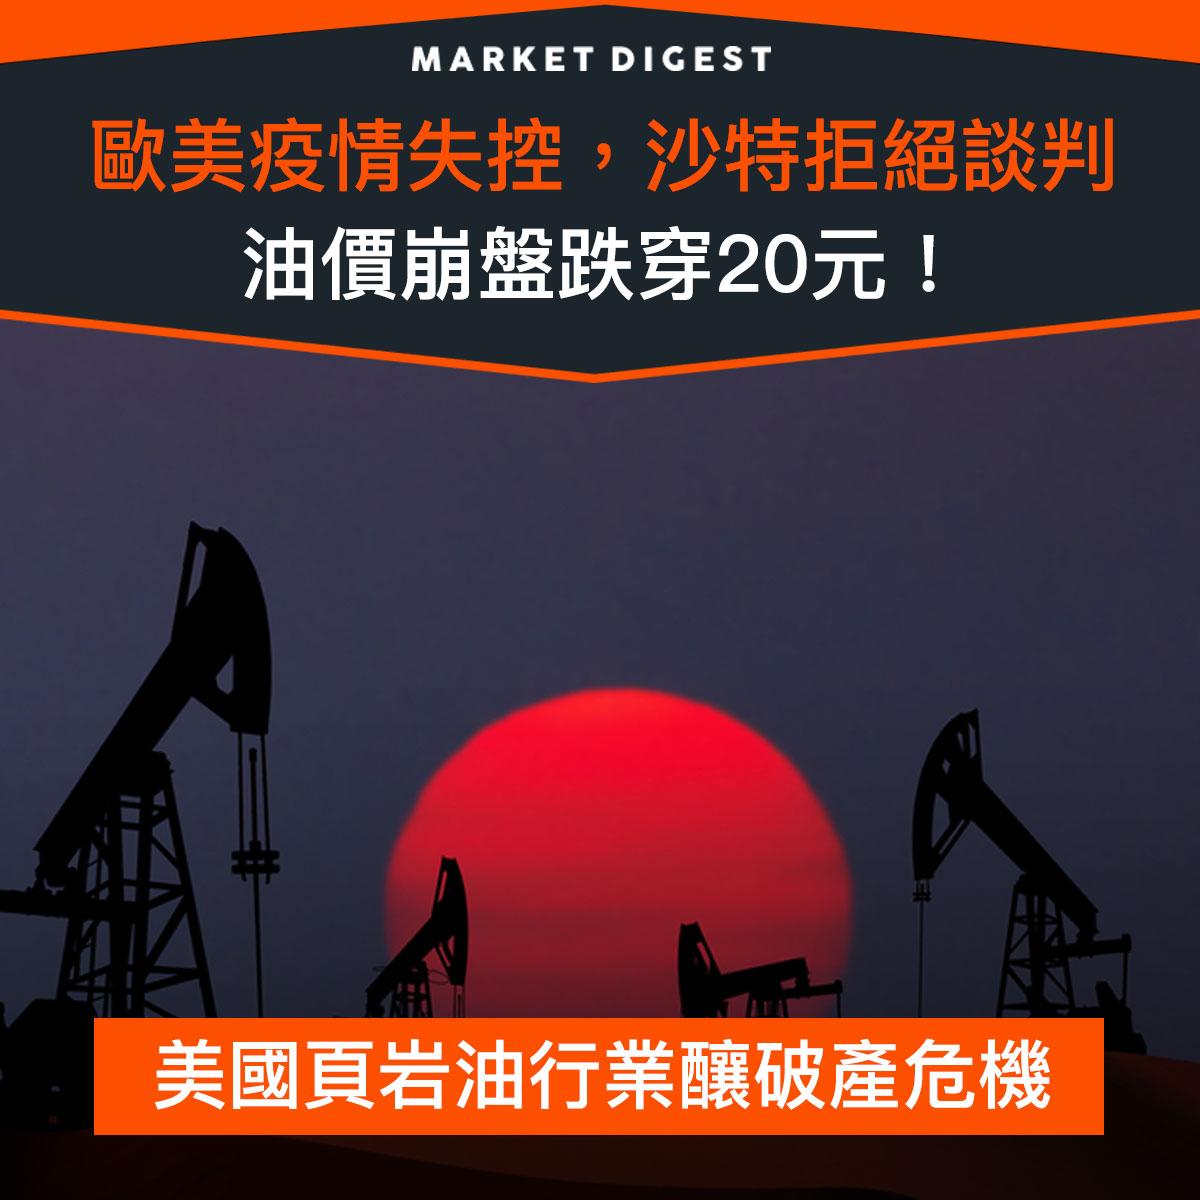 【市場熱話】歐美疫情失控,沙特拒絕談判,油價崩盤跌穿20元!